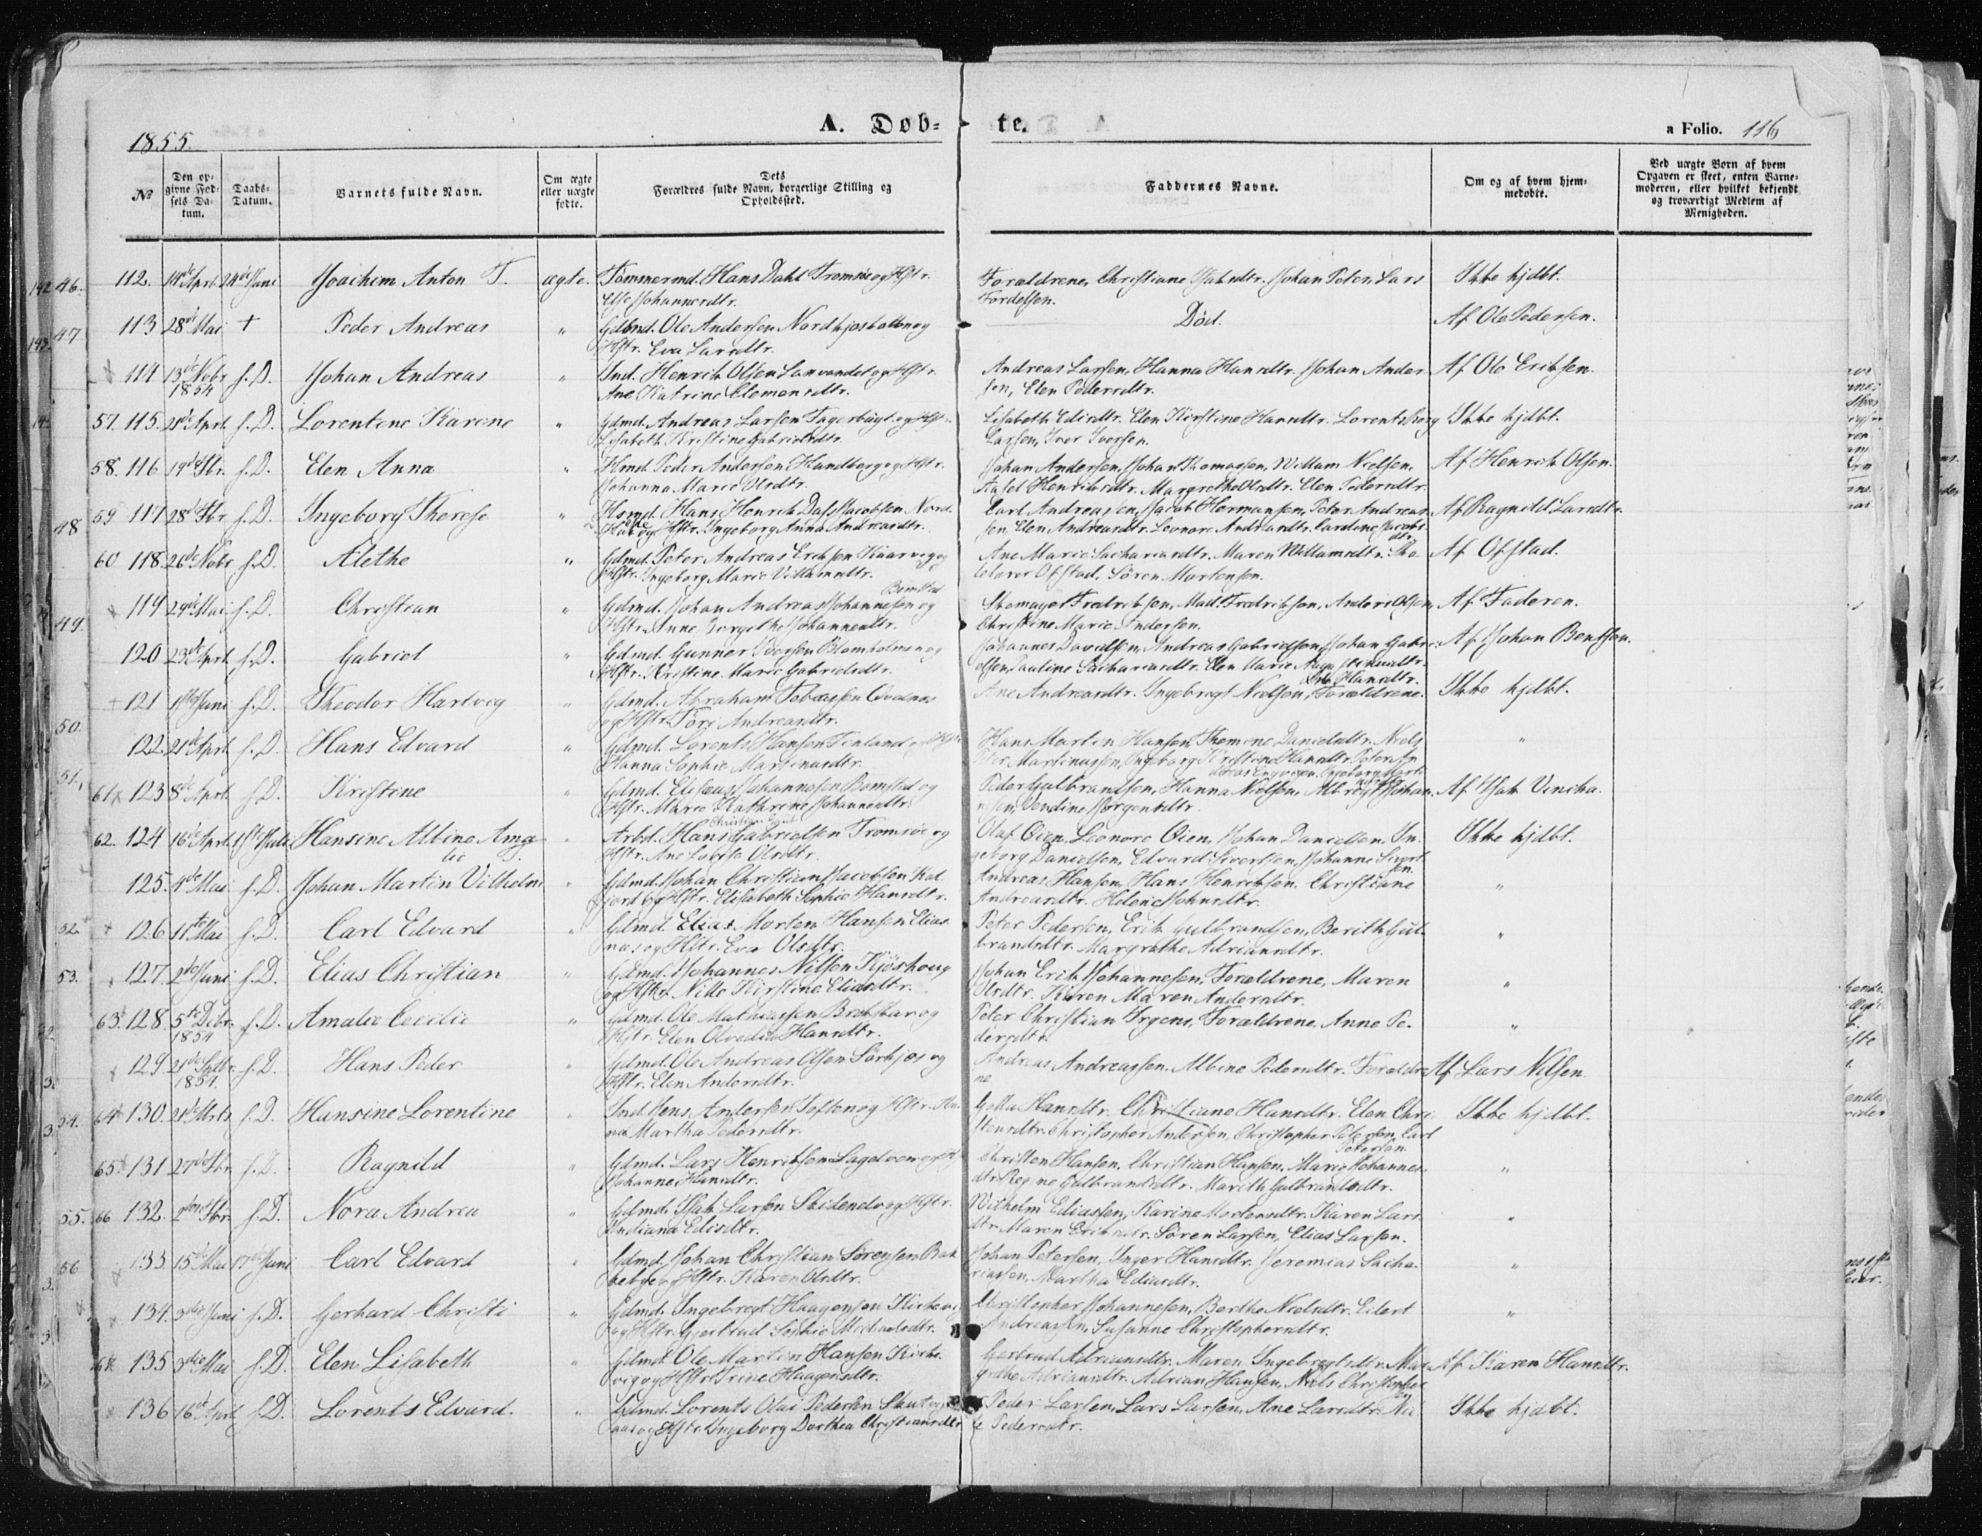 SATØ, Tromsø sokneprestkontor/stiftsprosti/domprosti, G/Ga/L0010kirke: Ministerialbok nr. 10, 1848-1855, s. 116